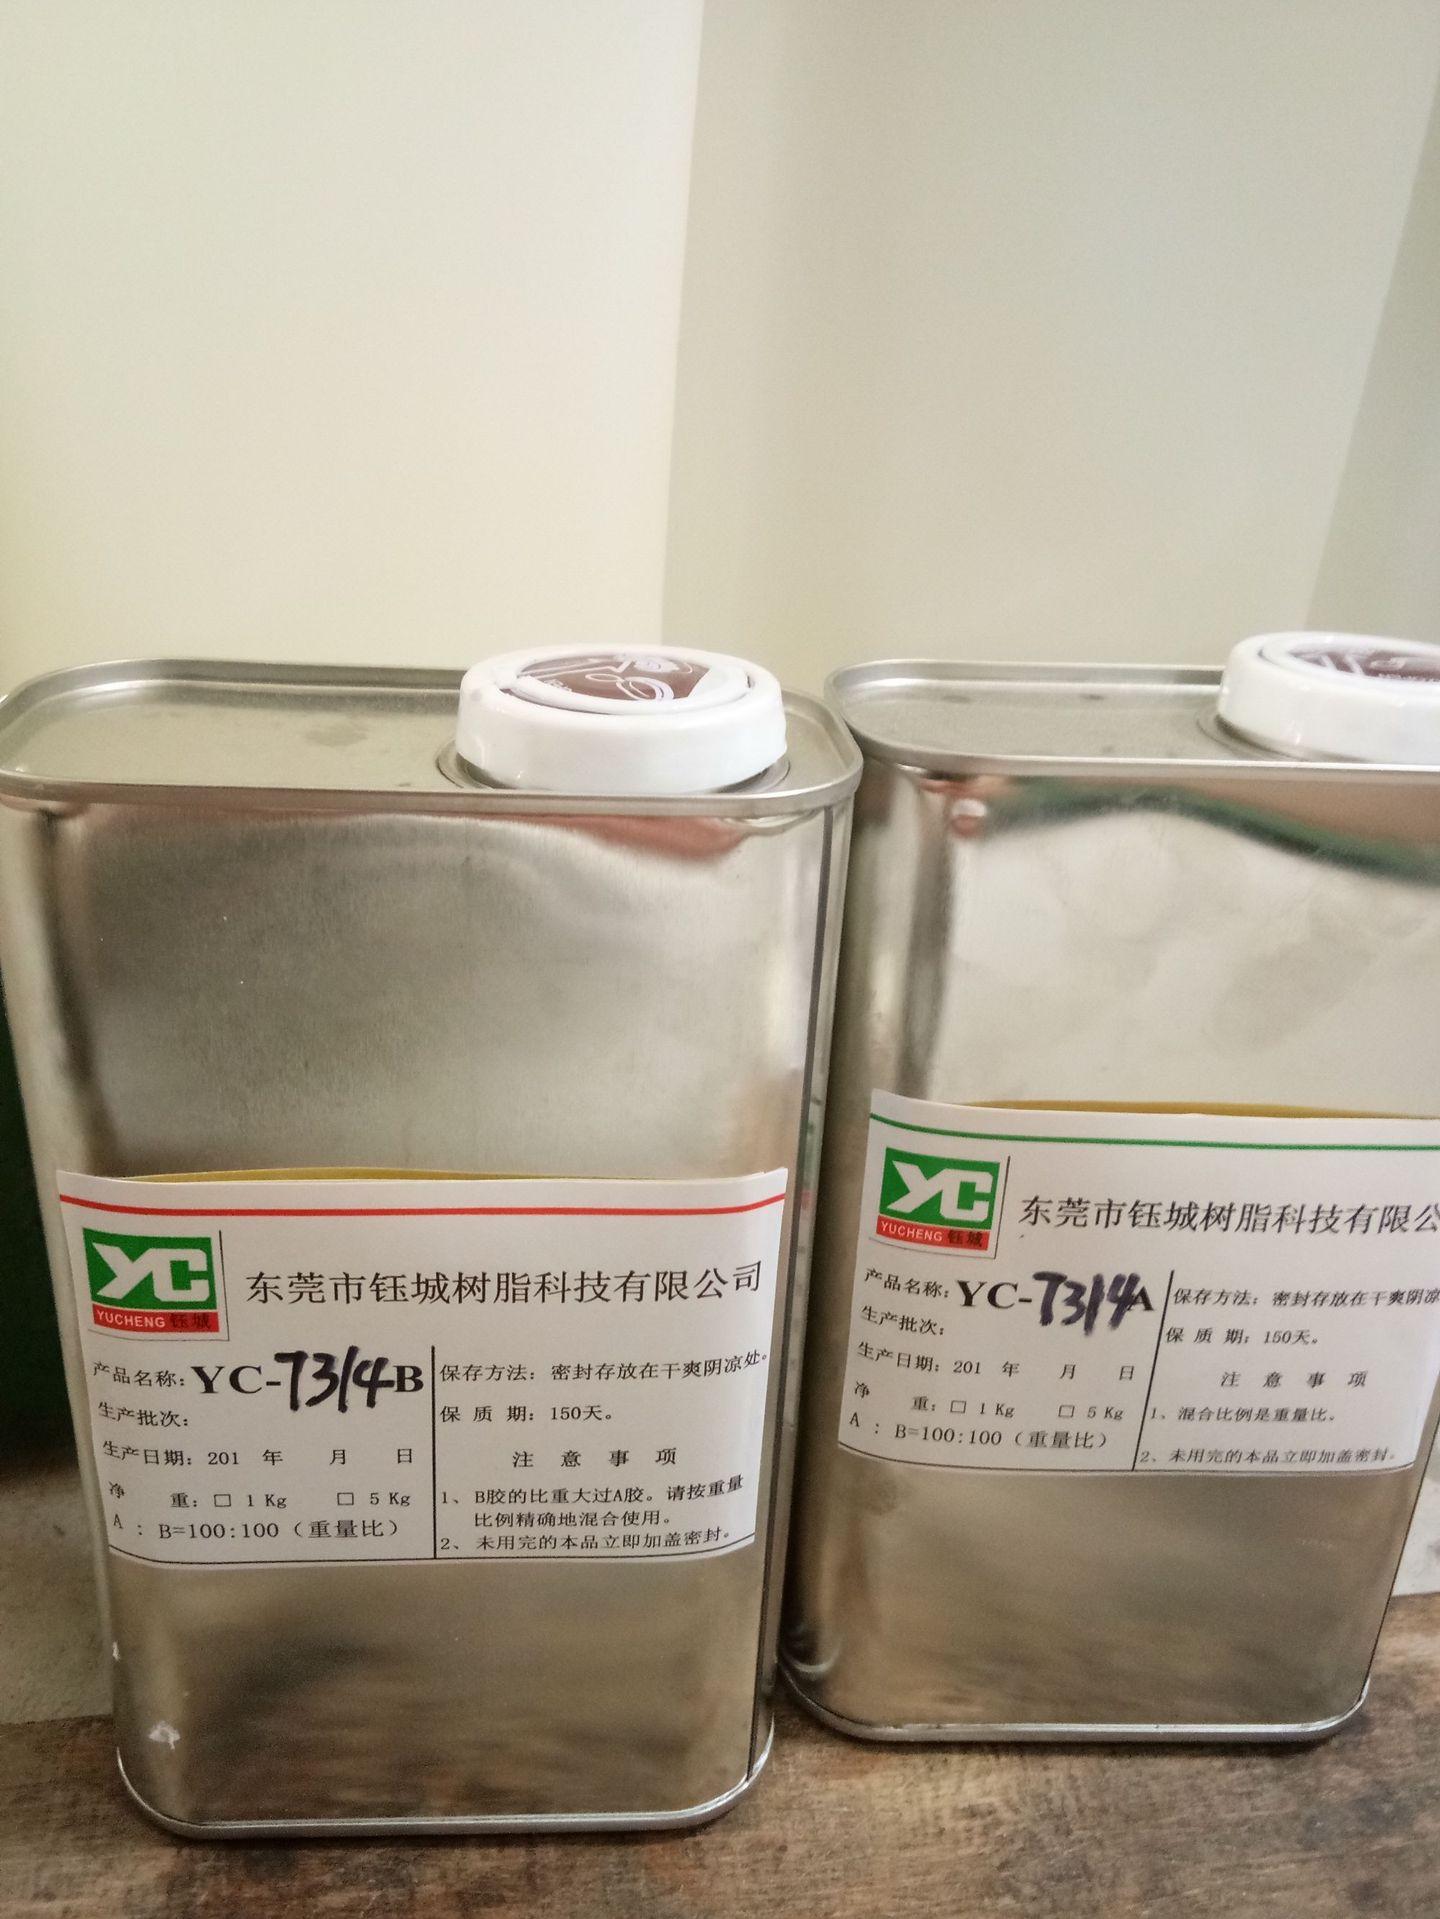 聚氨酯AB水手板材料7314白色零挥发自主研发pu树脂生产环境优